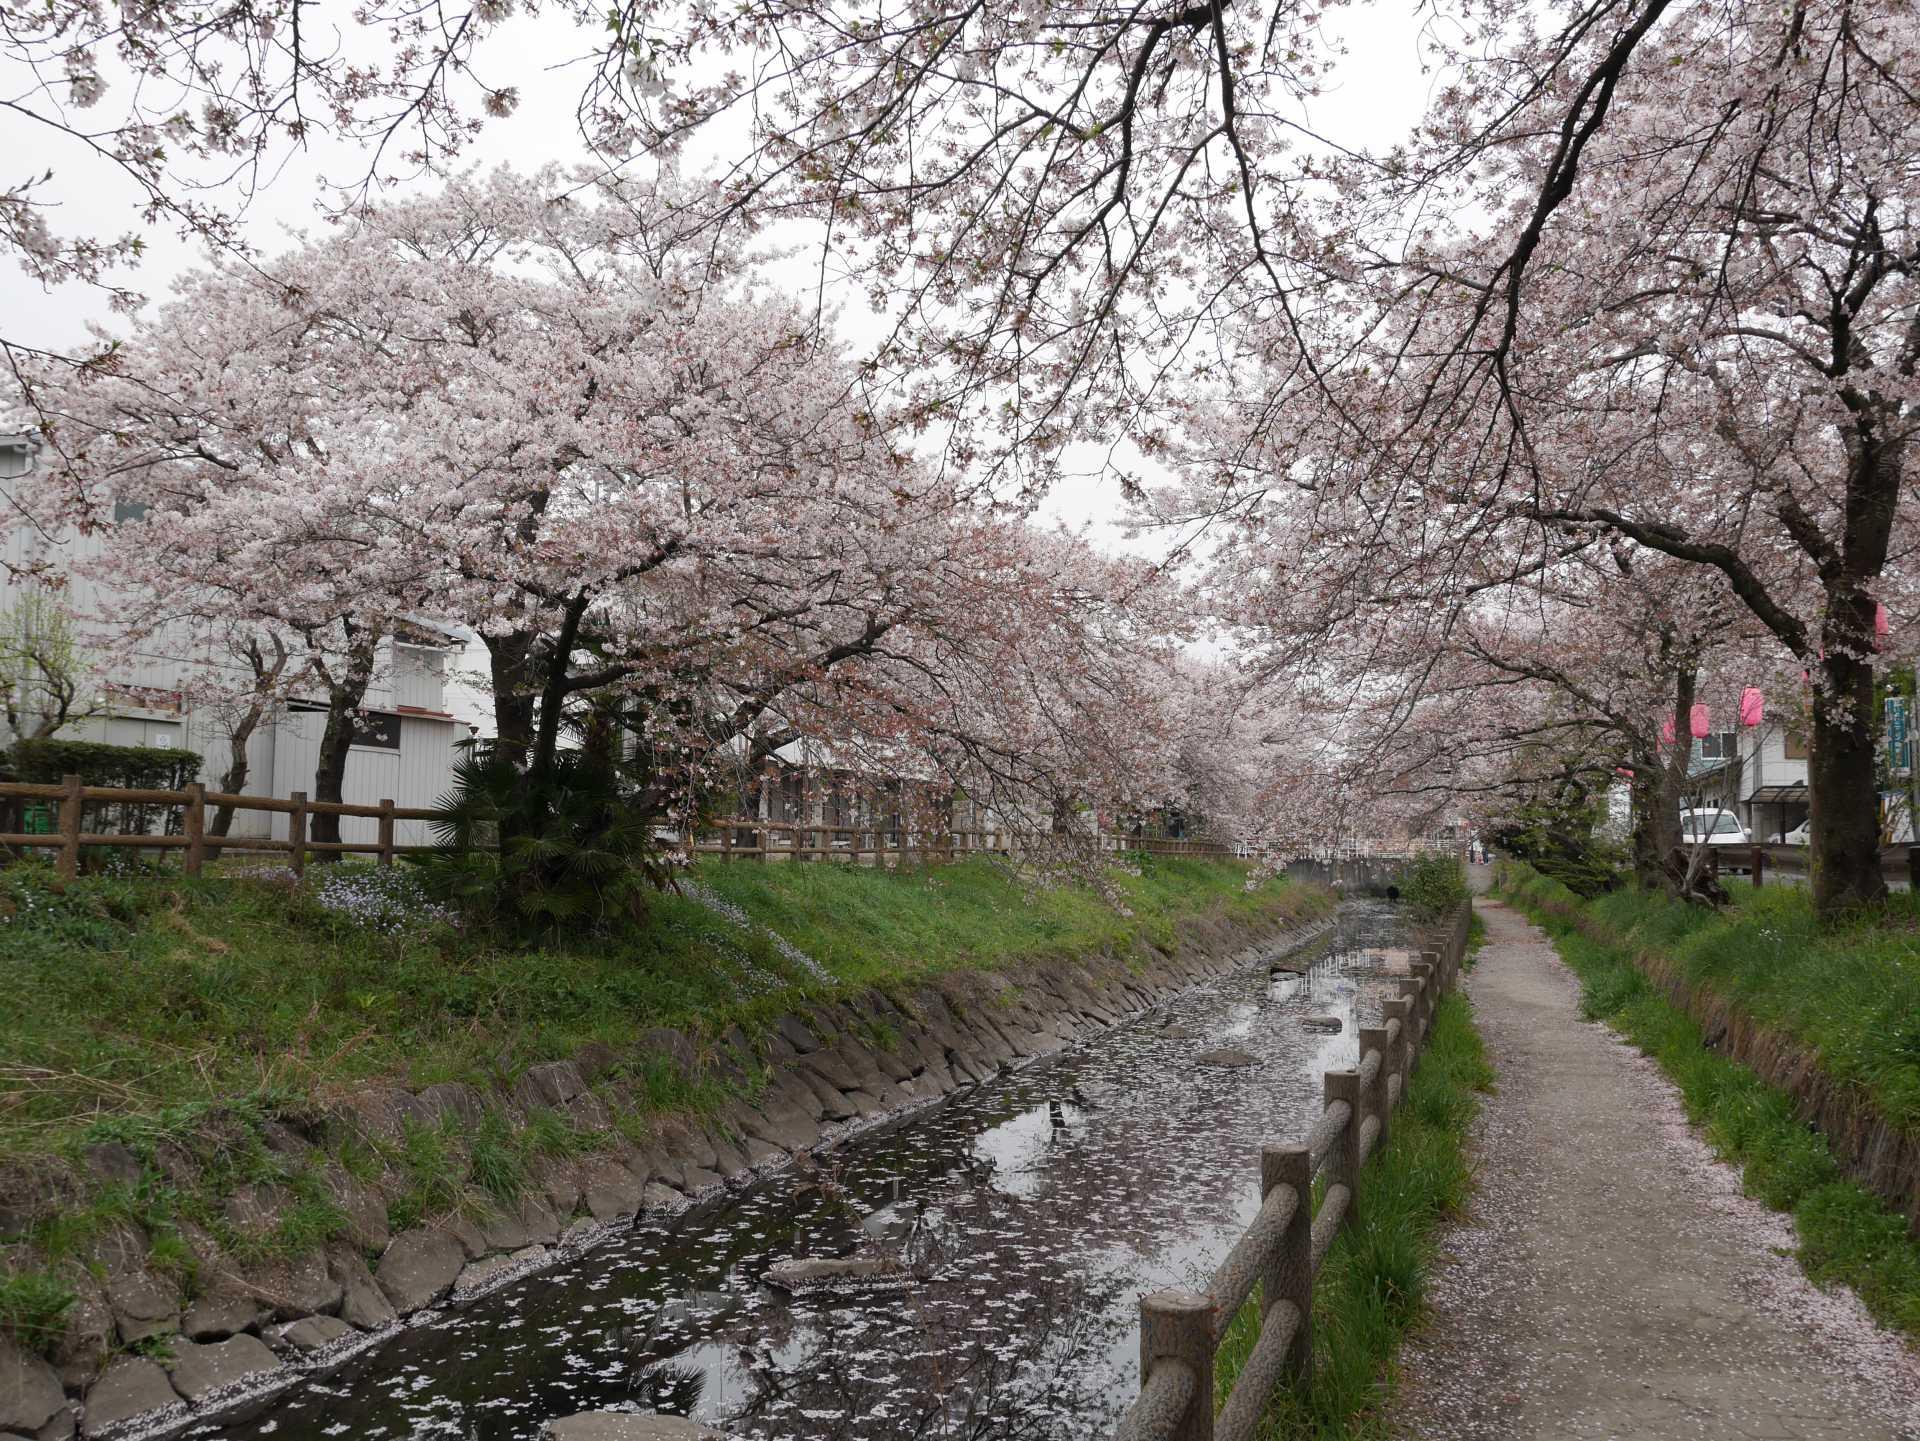 行屋川櫻花祭會場